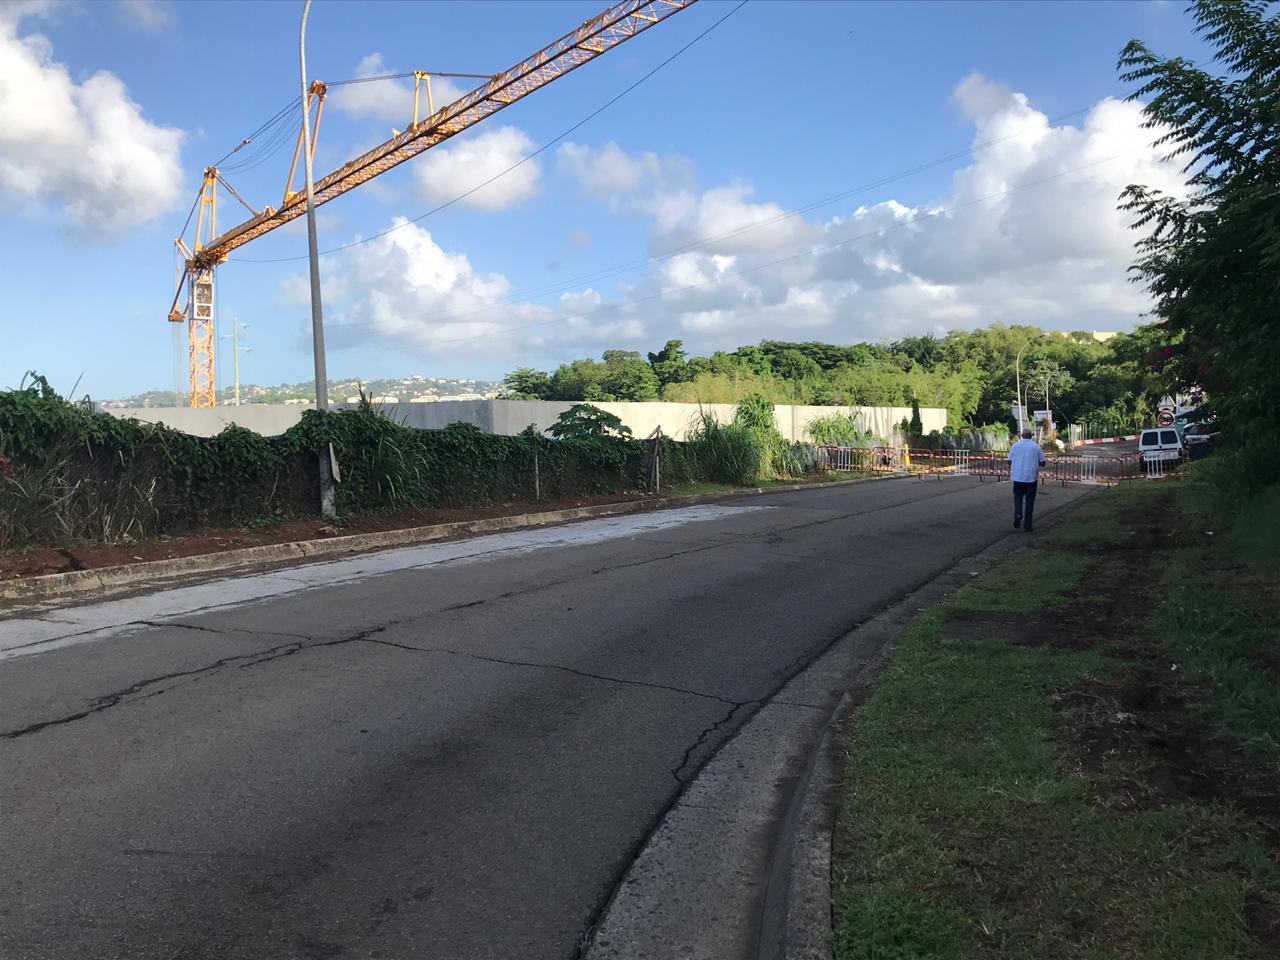 Une portion de la voie communautaire d'Acajou n'est plus praticable à cause d'un affaissement